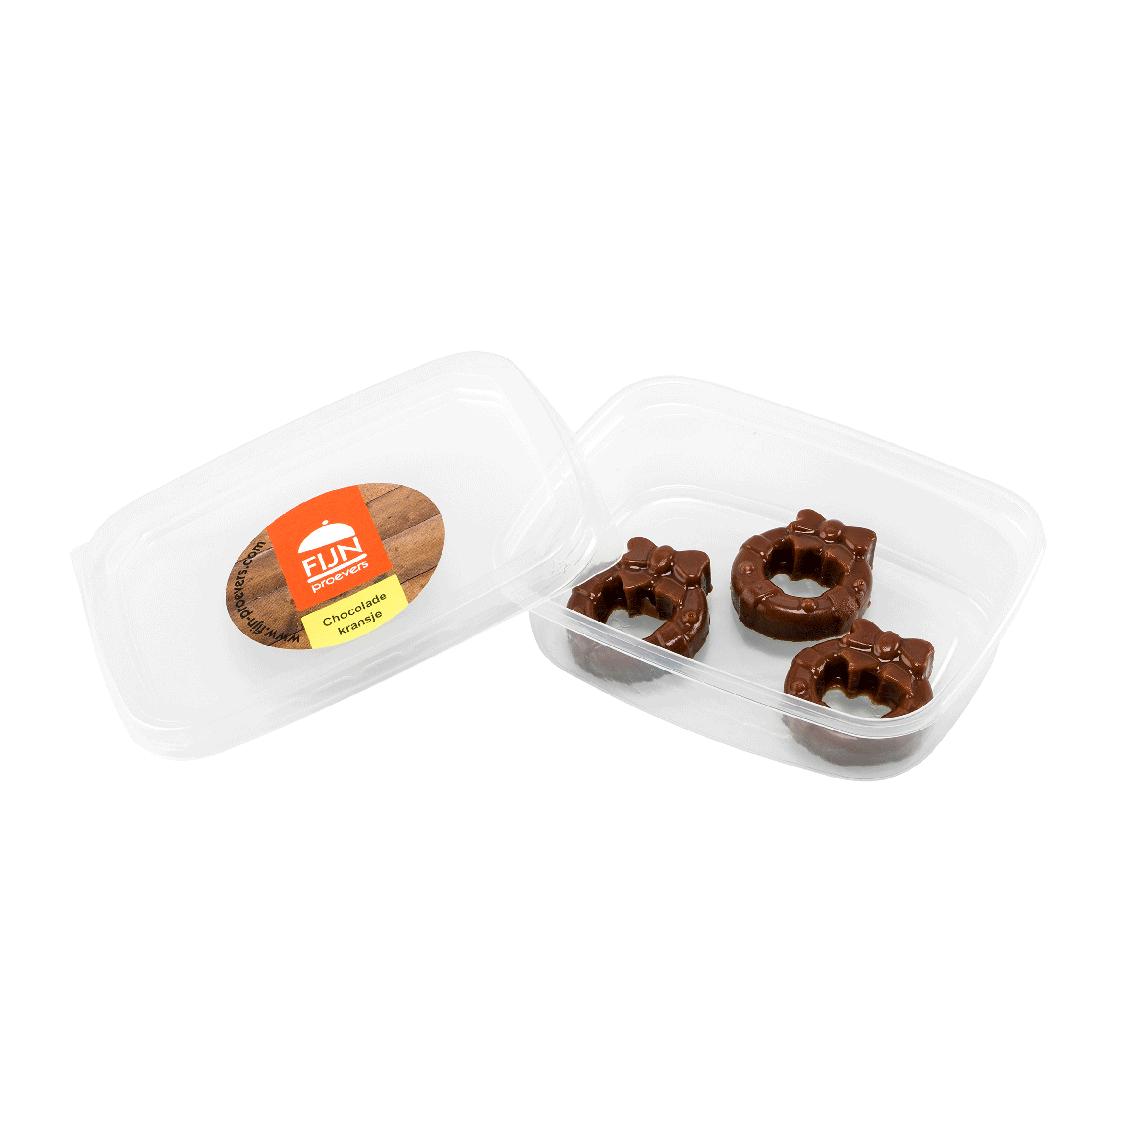 Snacks chocolade kransjes voor slikproblemen eiwitverrijkt van fijnproevers productfoto